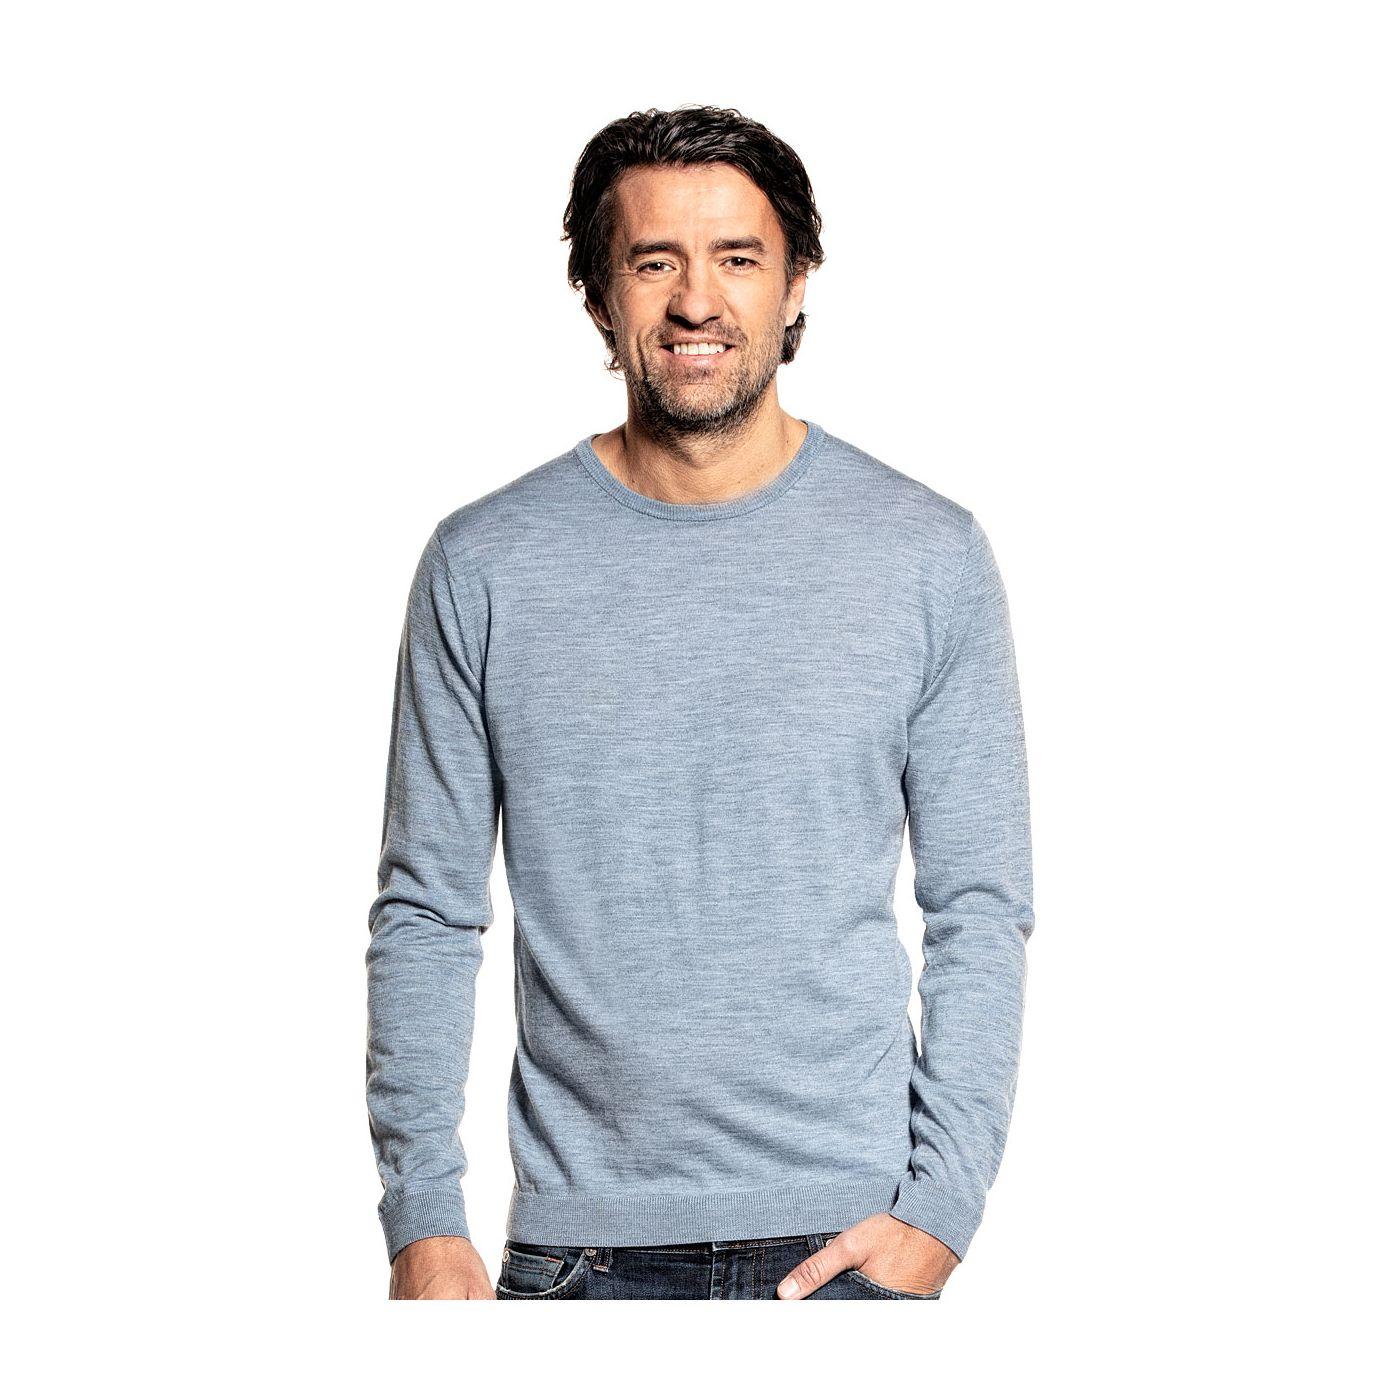 Ronde hals trui voor mannen gemaakt van merinowol in het Blauwgrijs